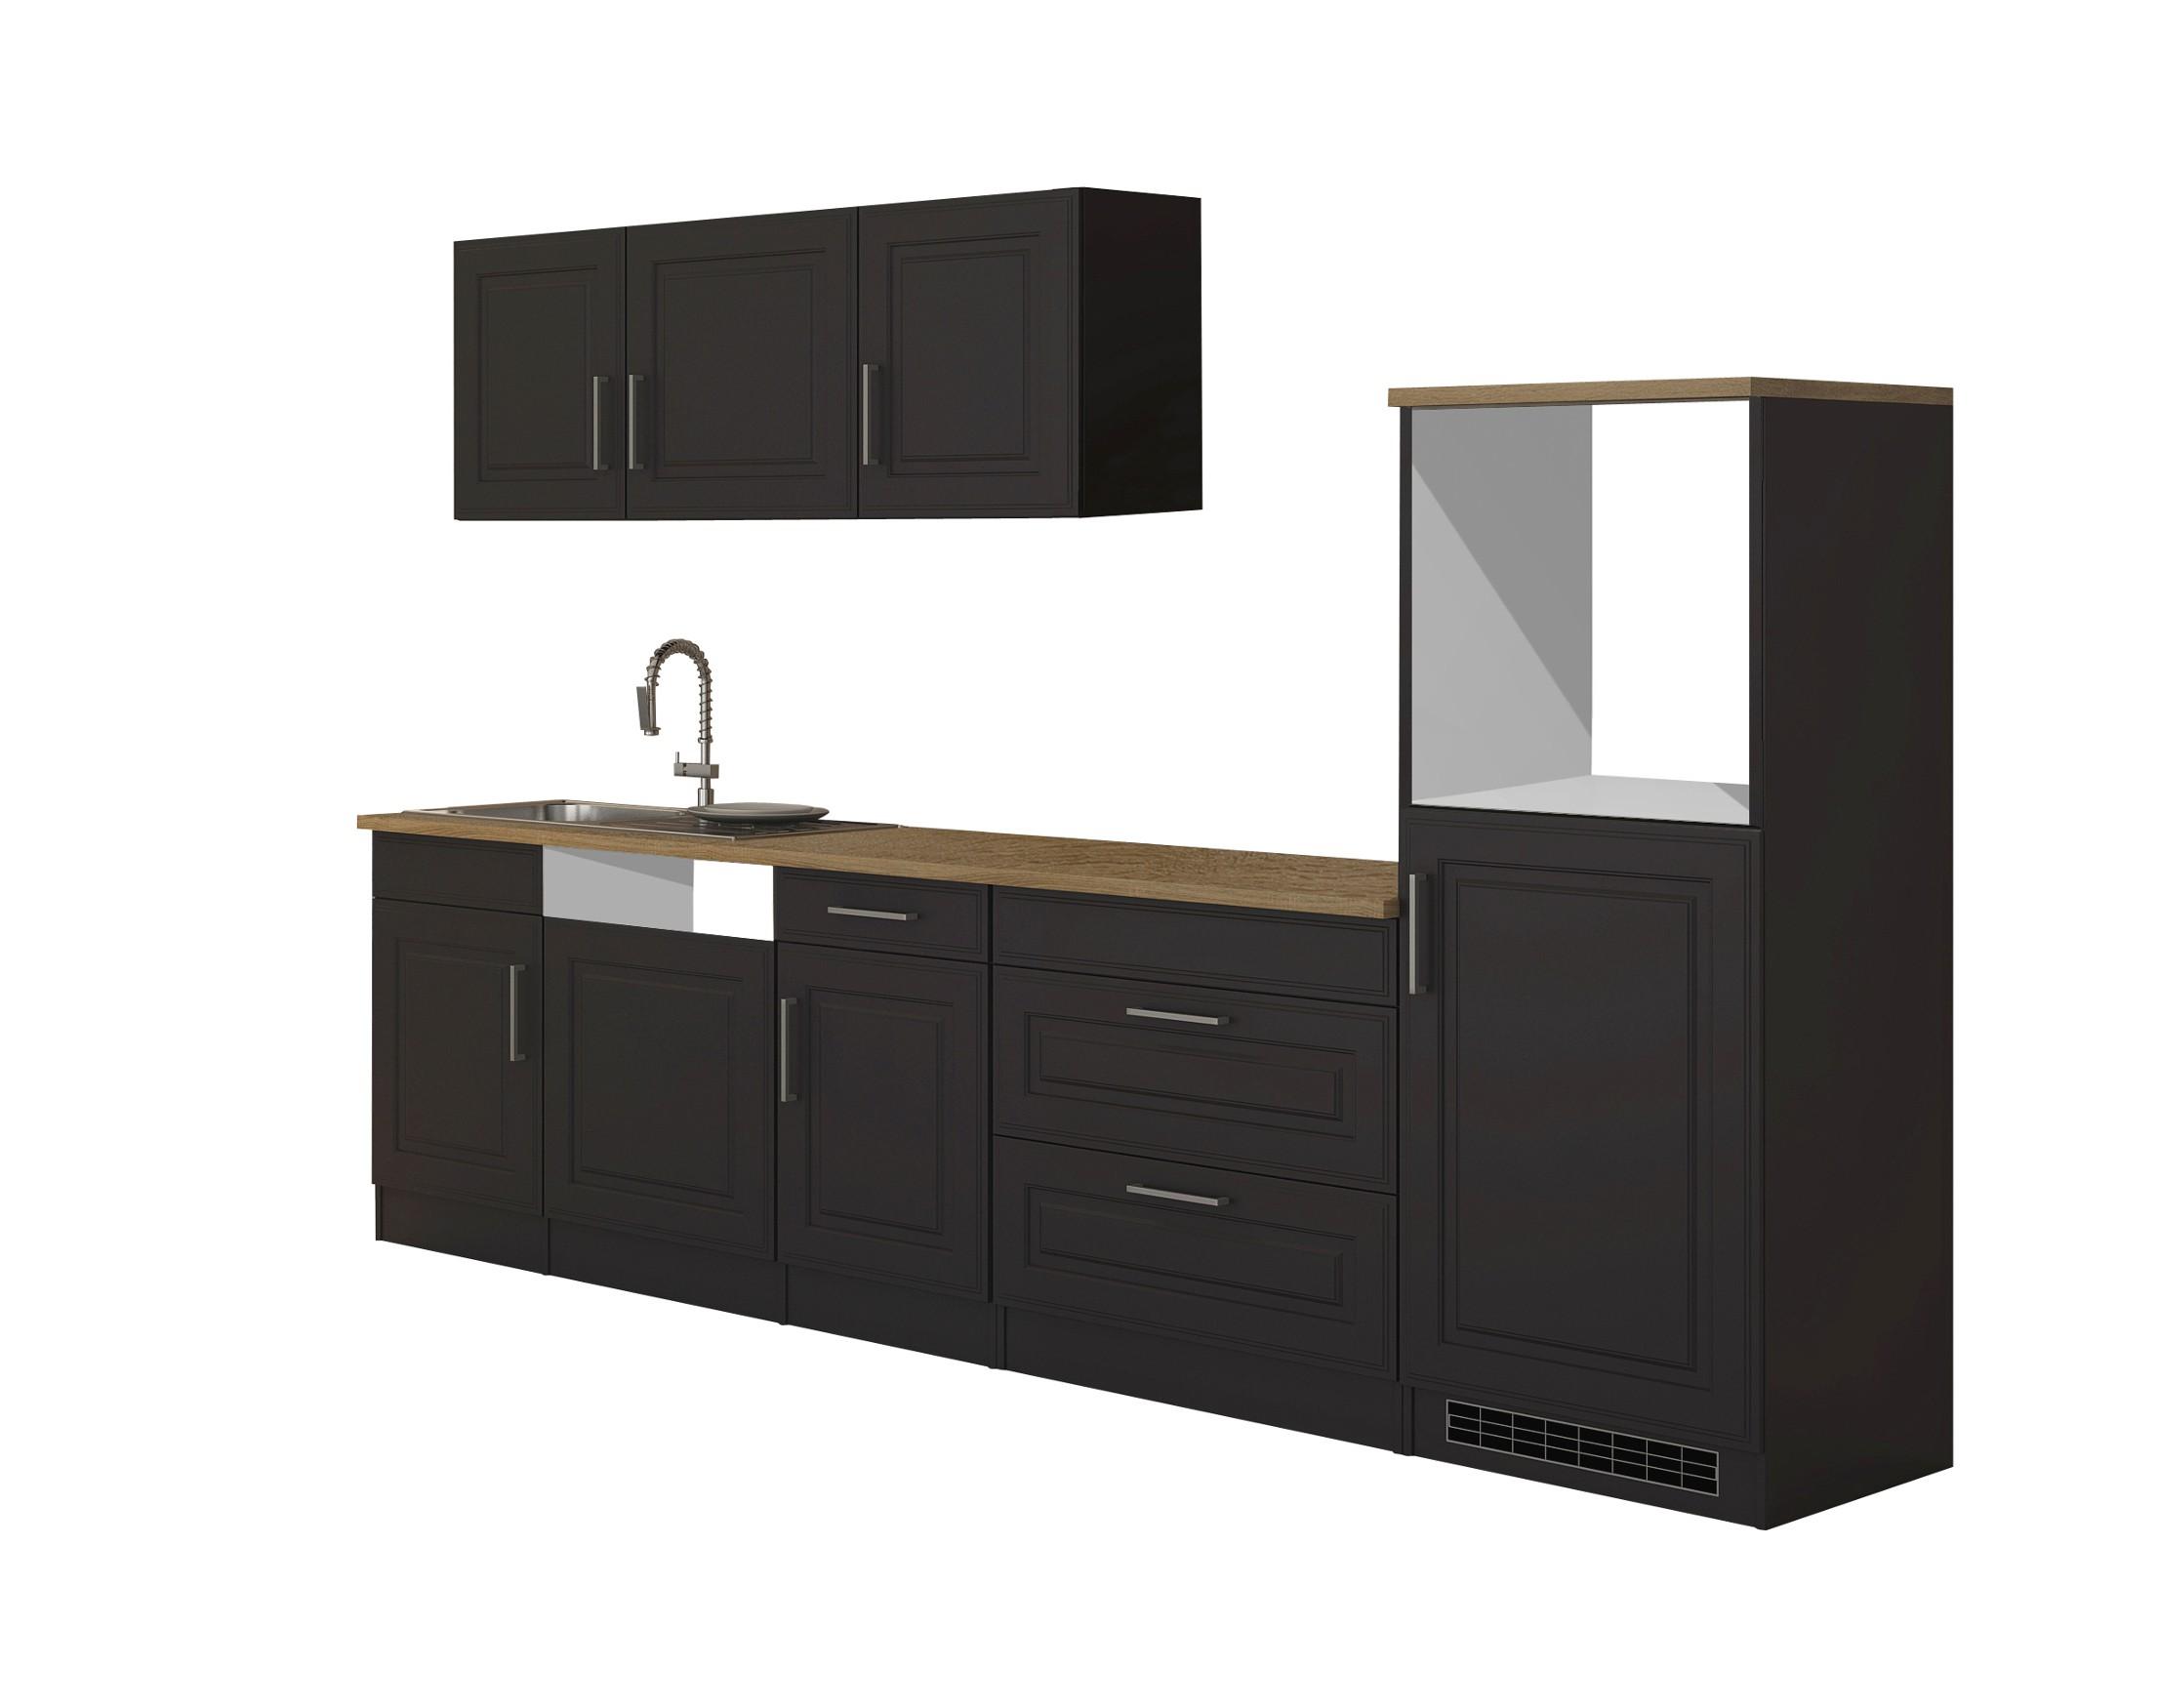 Küchenzeile Landhaus Einbauküche Ohne Elektrogeräte Küchenblock Ohne